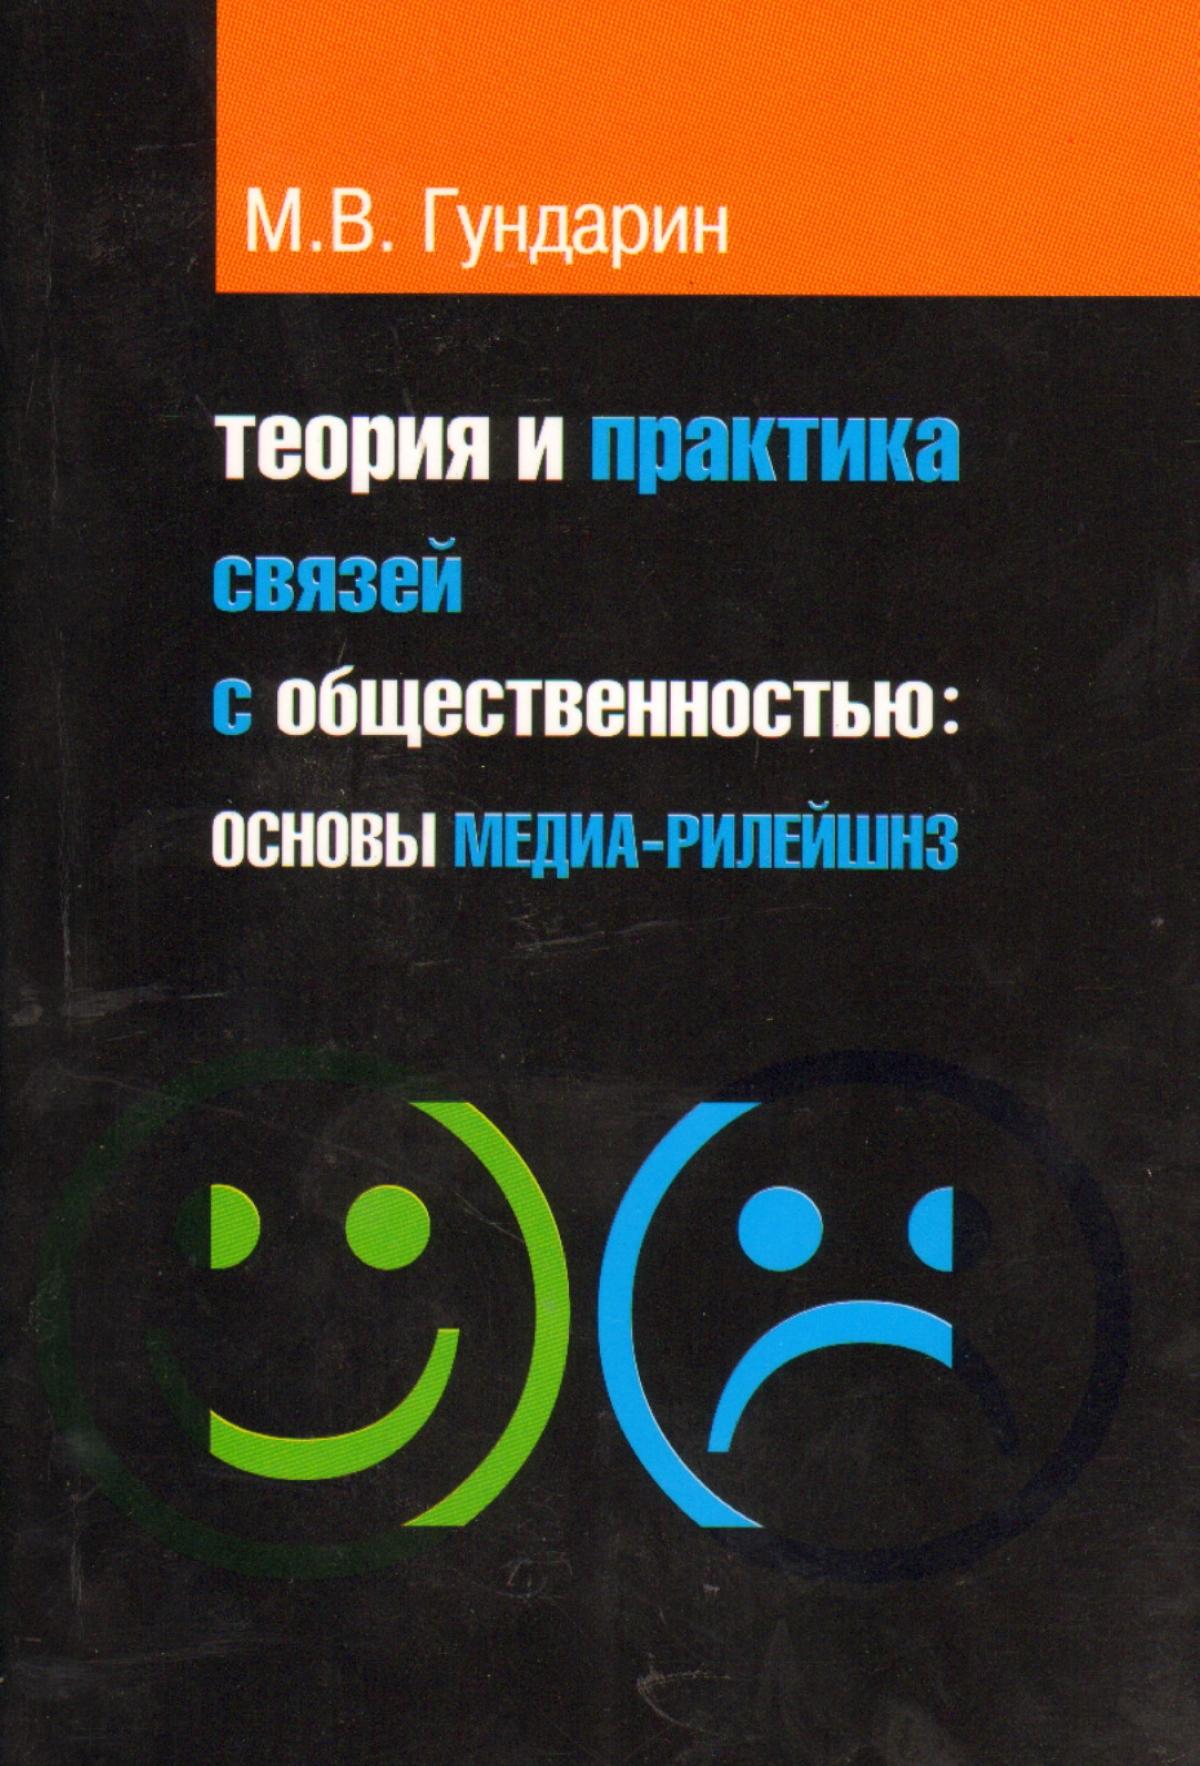 Обложка книги:  гундарин м.в. - теория и практика связей с общественностью основы медиа-рилейшнз